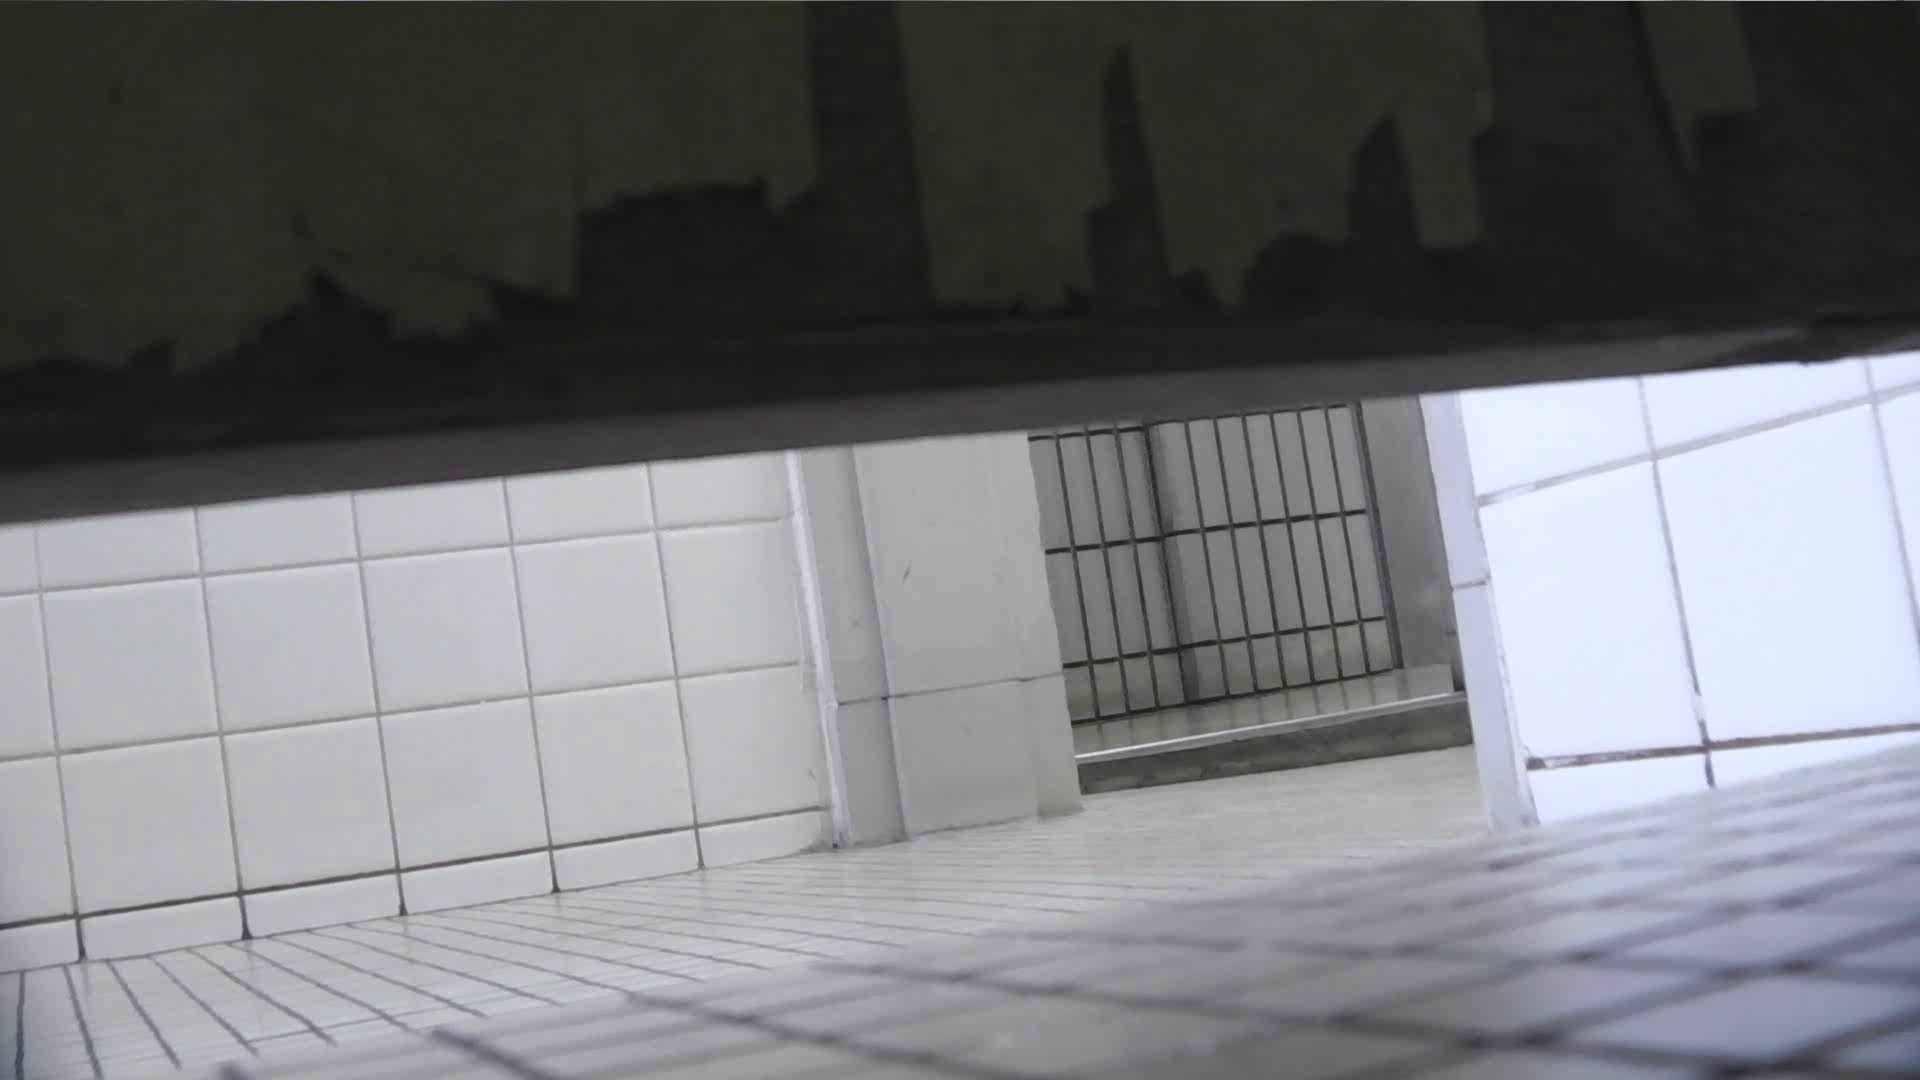 【美しき個室な世界】 vol.025 メガネ属性ヾ(´∀`)ノ 洗面所 | 高評価  84画像 49